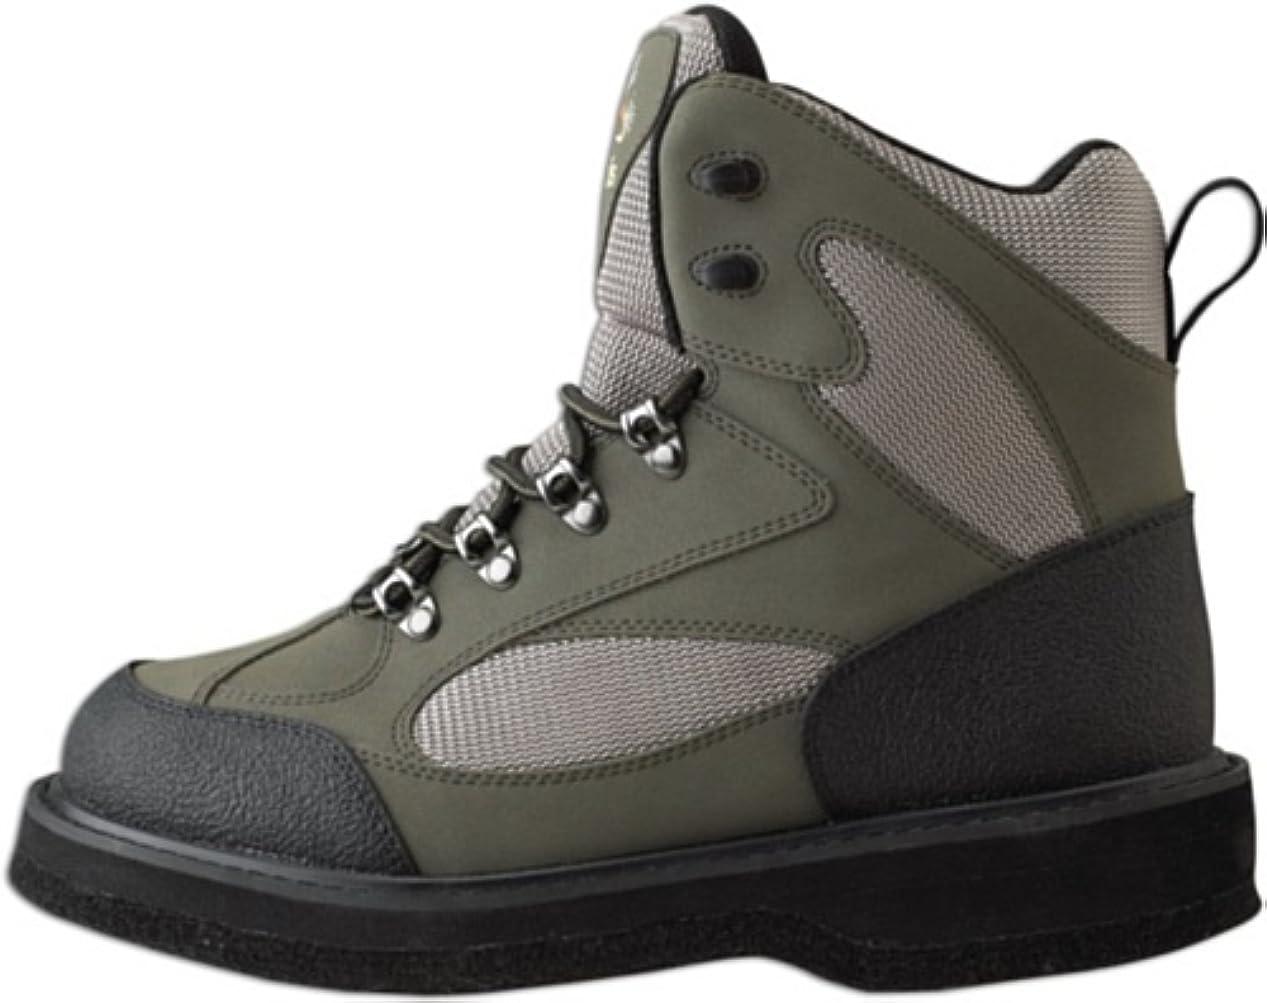 ピュー顧問解釈CaddisメンズNorthern Guide軽量トープと緑フェルトソールWading Shoe